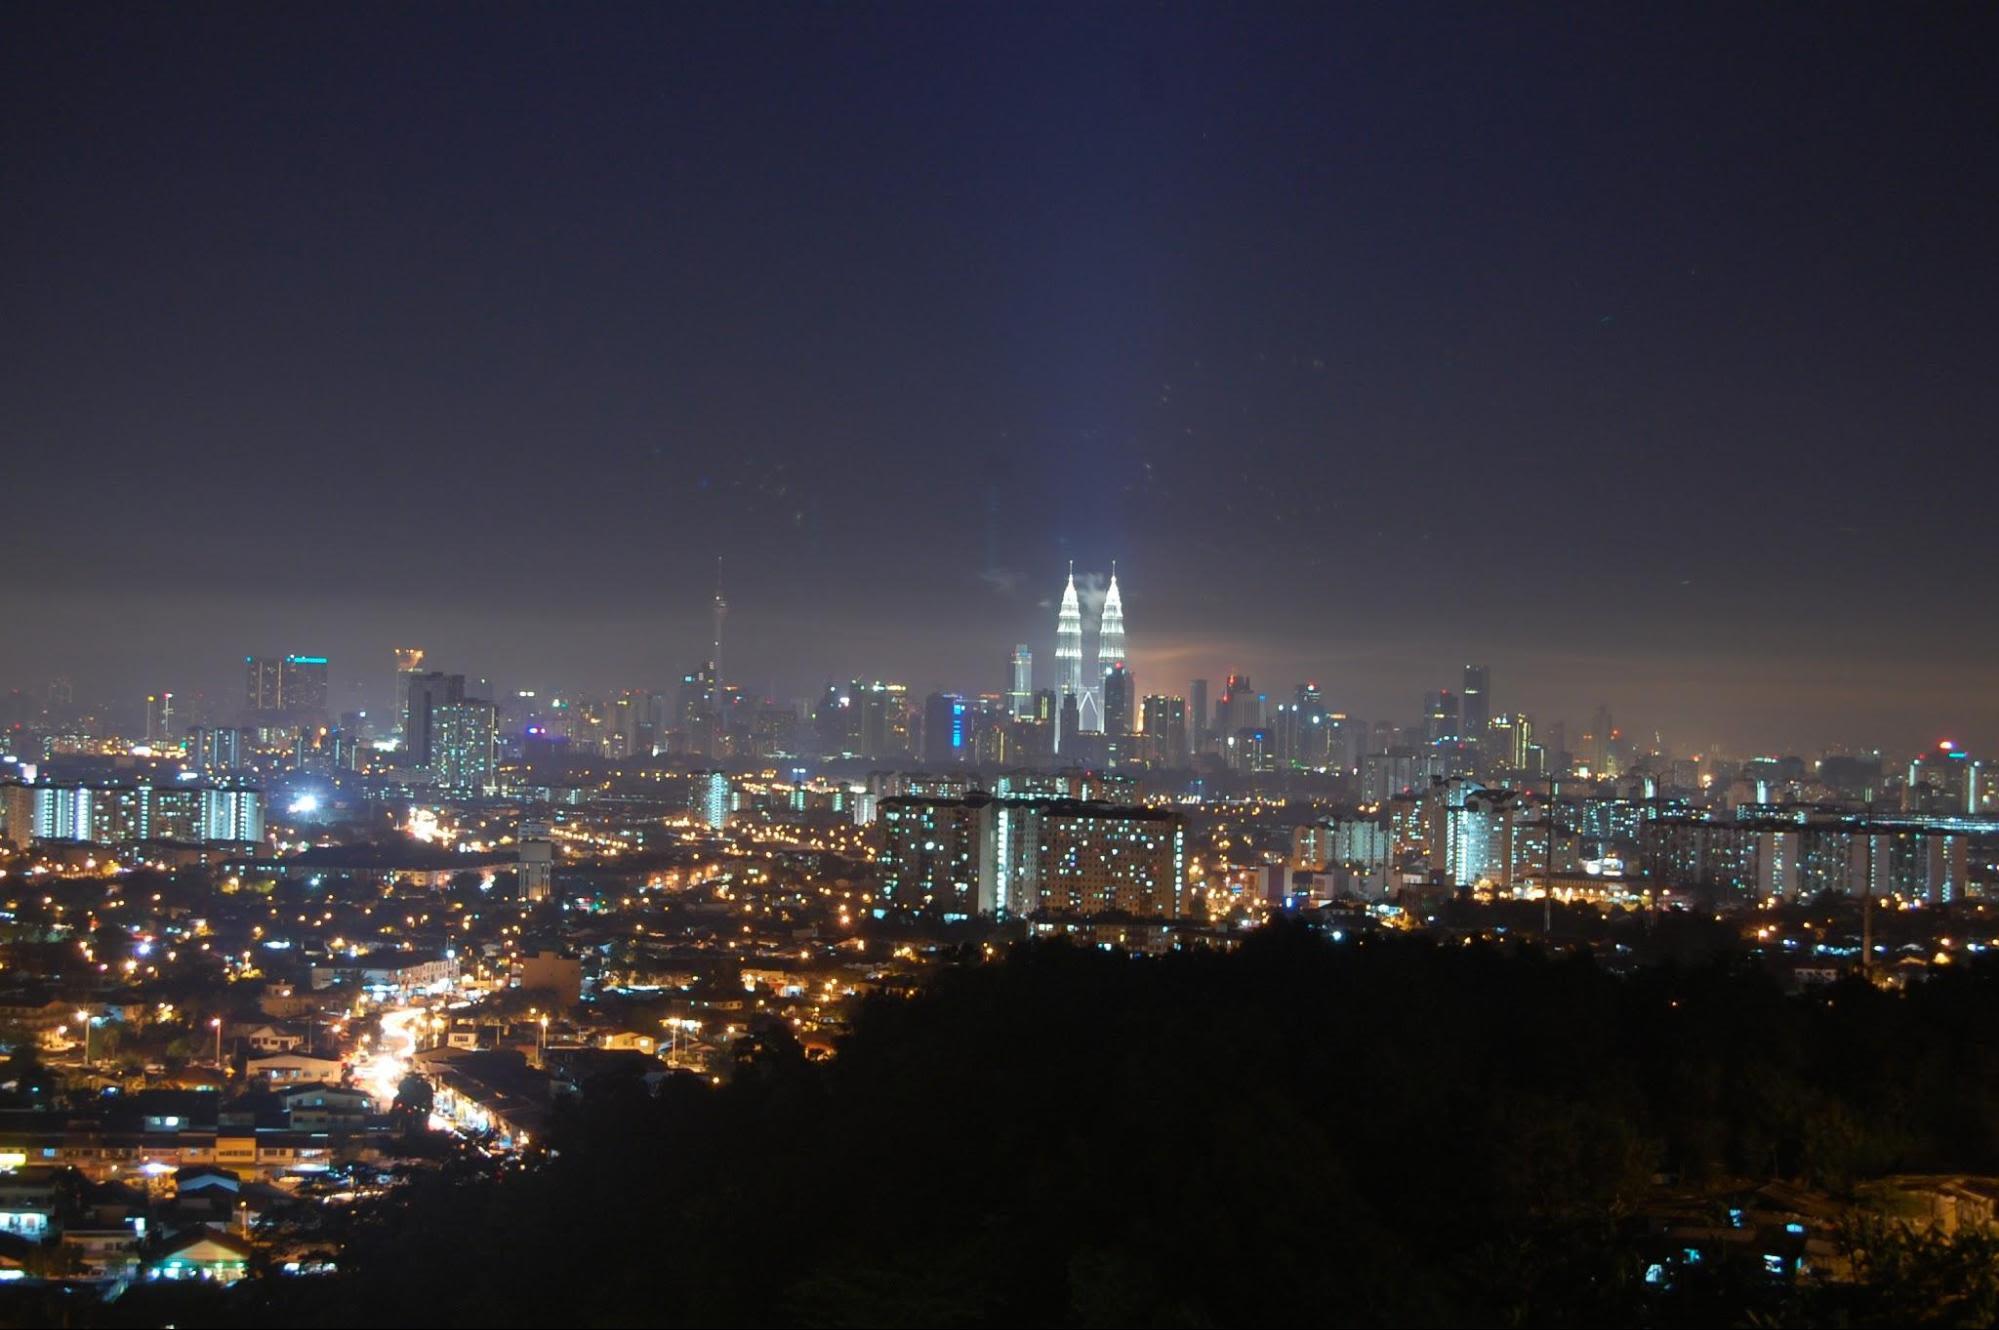 Bukit Ampang là một địa điểm hẹn hò trên cao ở kuala lumpur